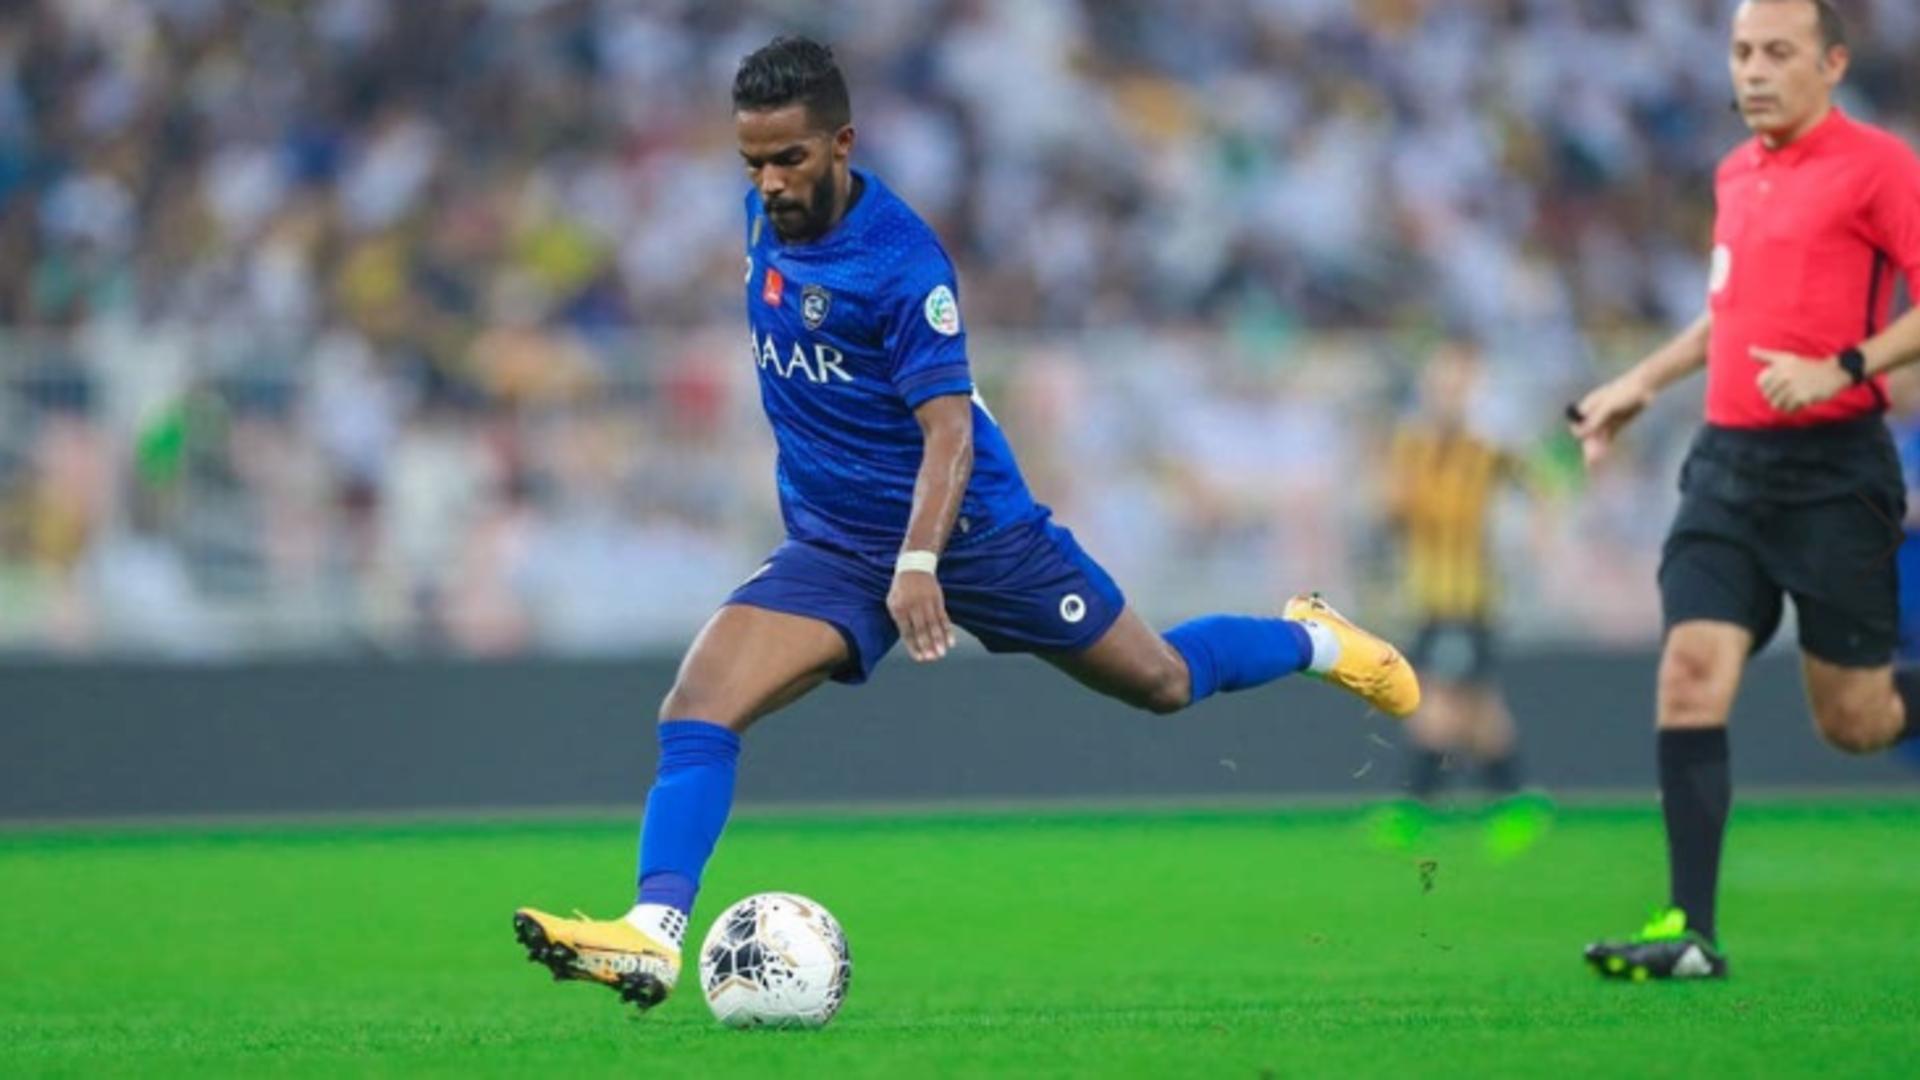 فيديو خطأ إداري يحرم نواف العابد من تحقيق رقم تاريخي في كرة القدم Goal Com